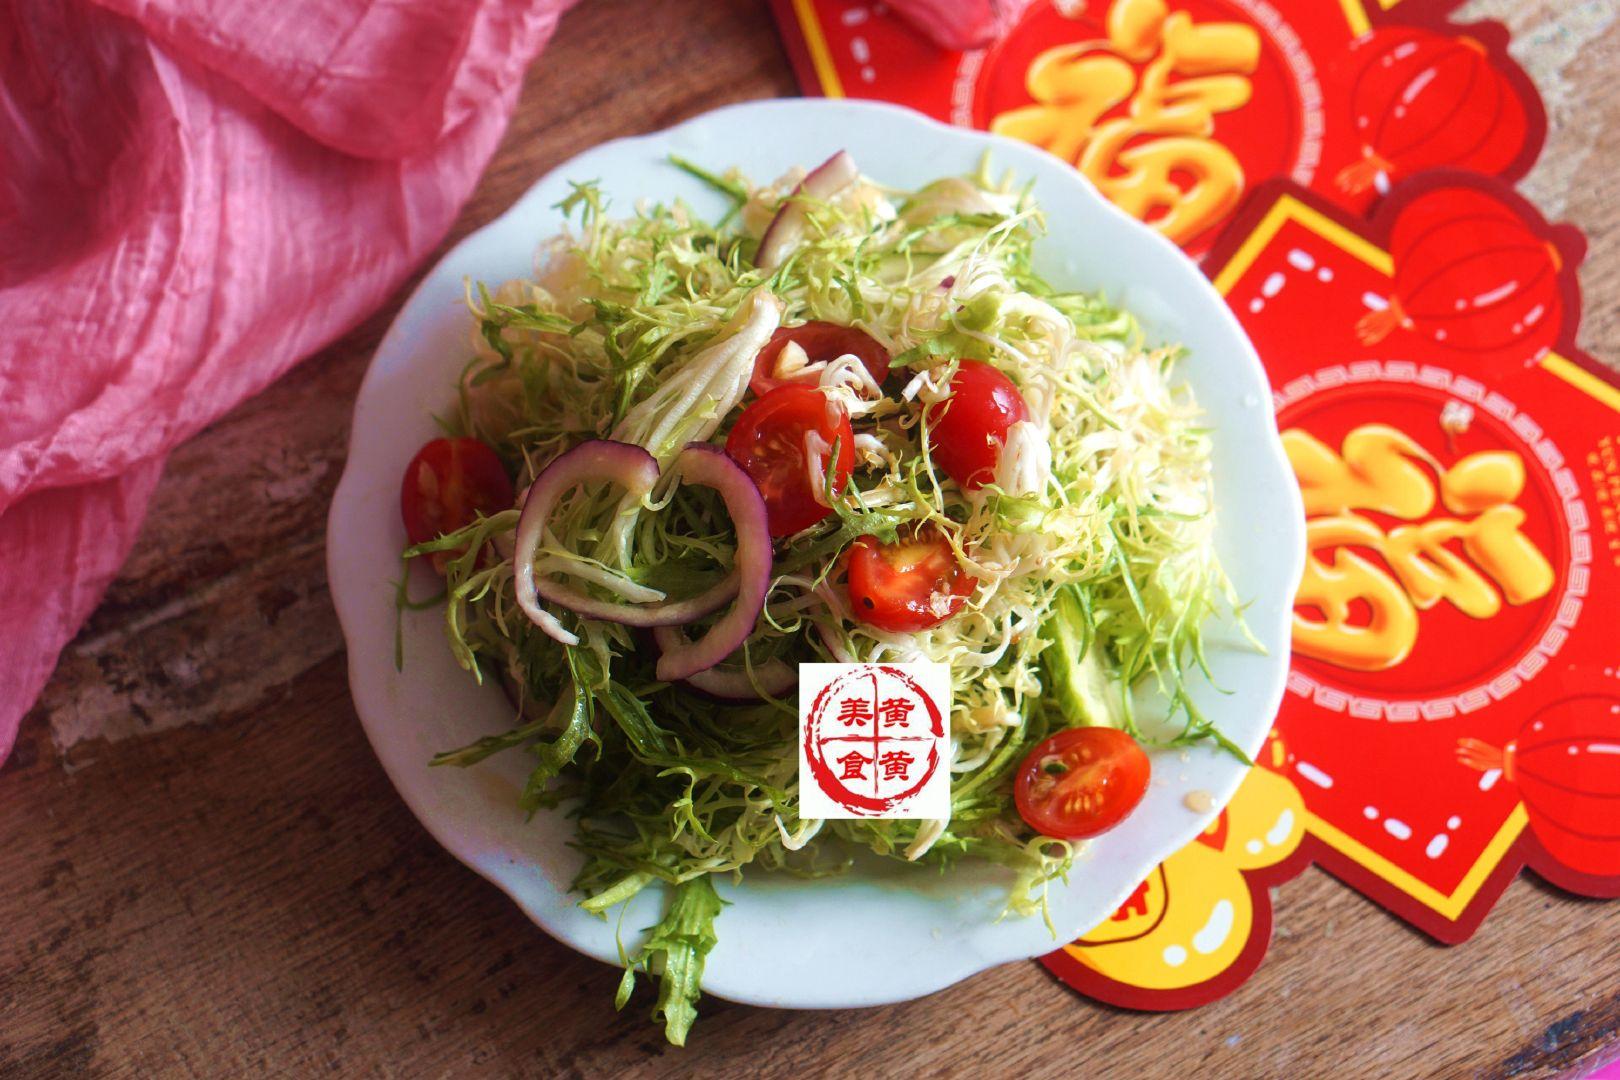 凉拌苦菊:做法简单,开胃解腻